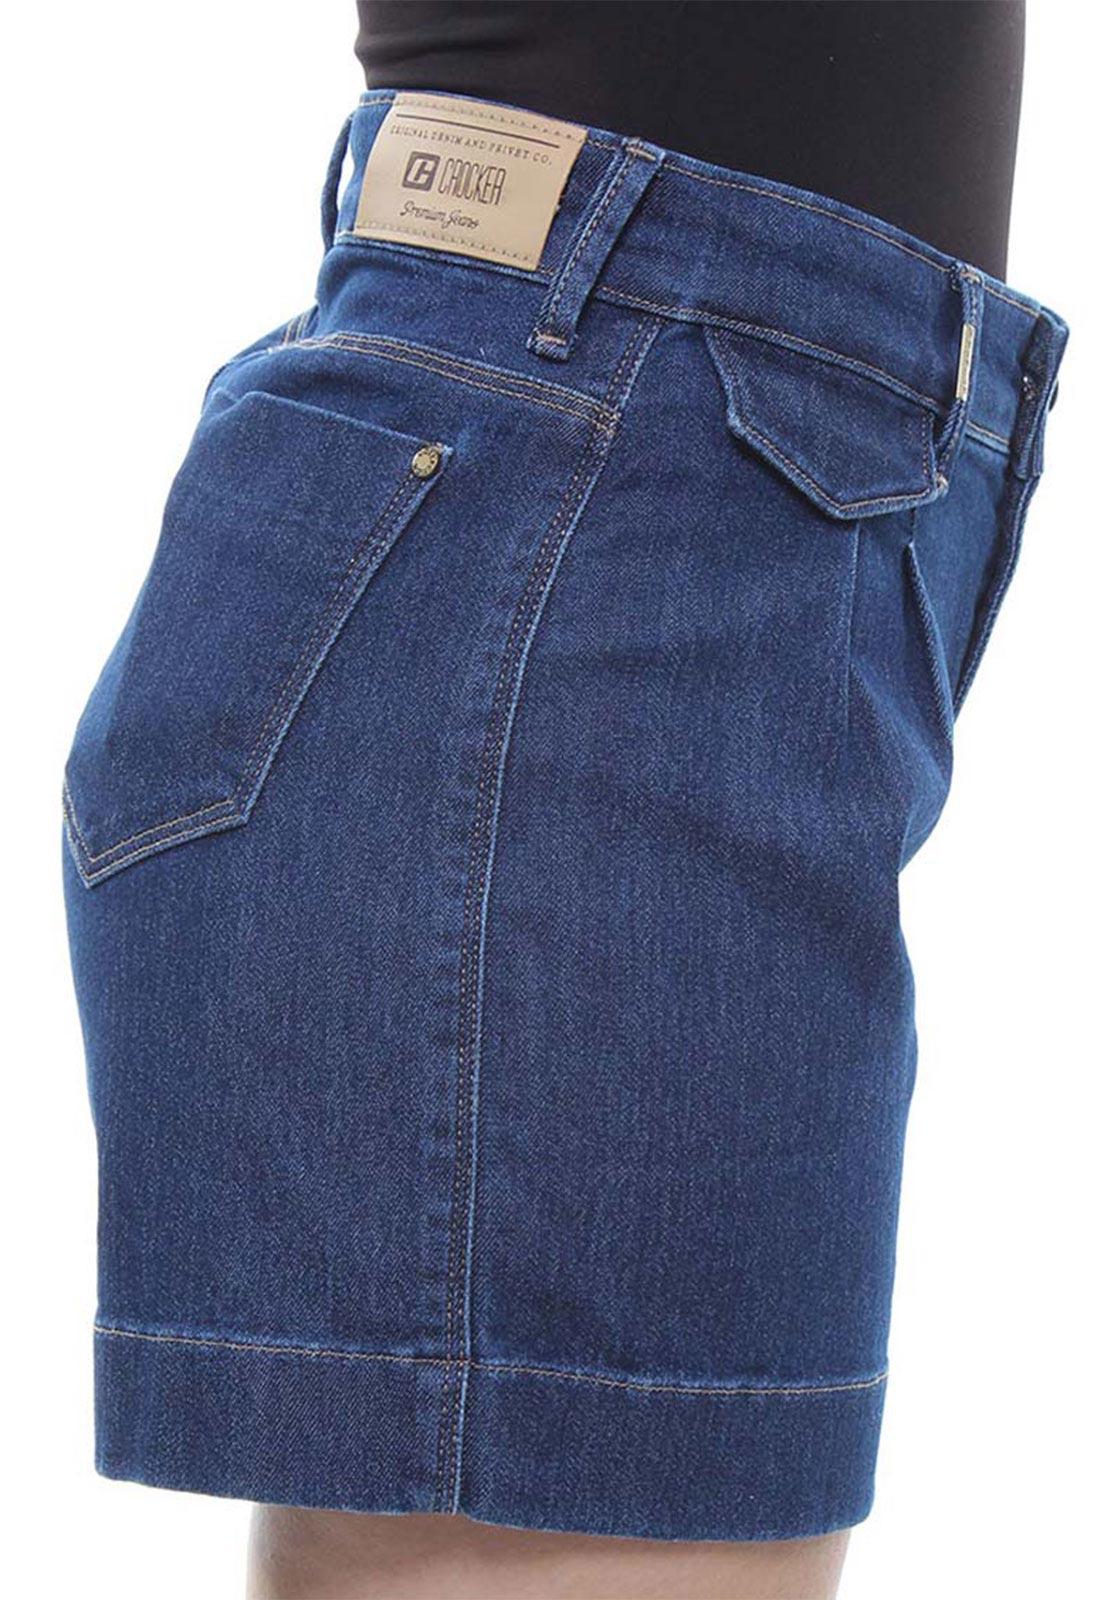 Short Jeans Feminino Curto Assimétrico Crocker - 47924  - CROCKER JEANS